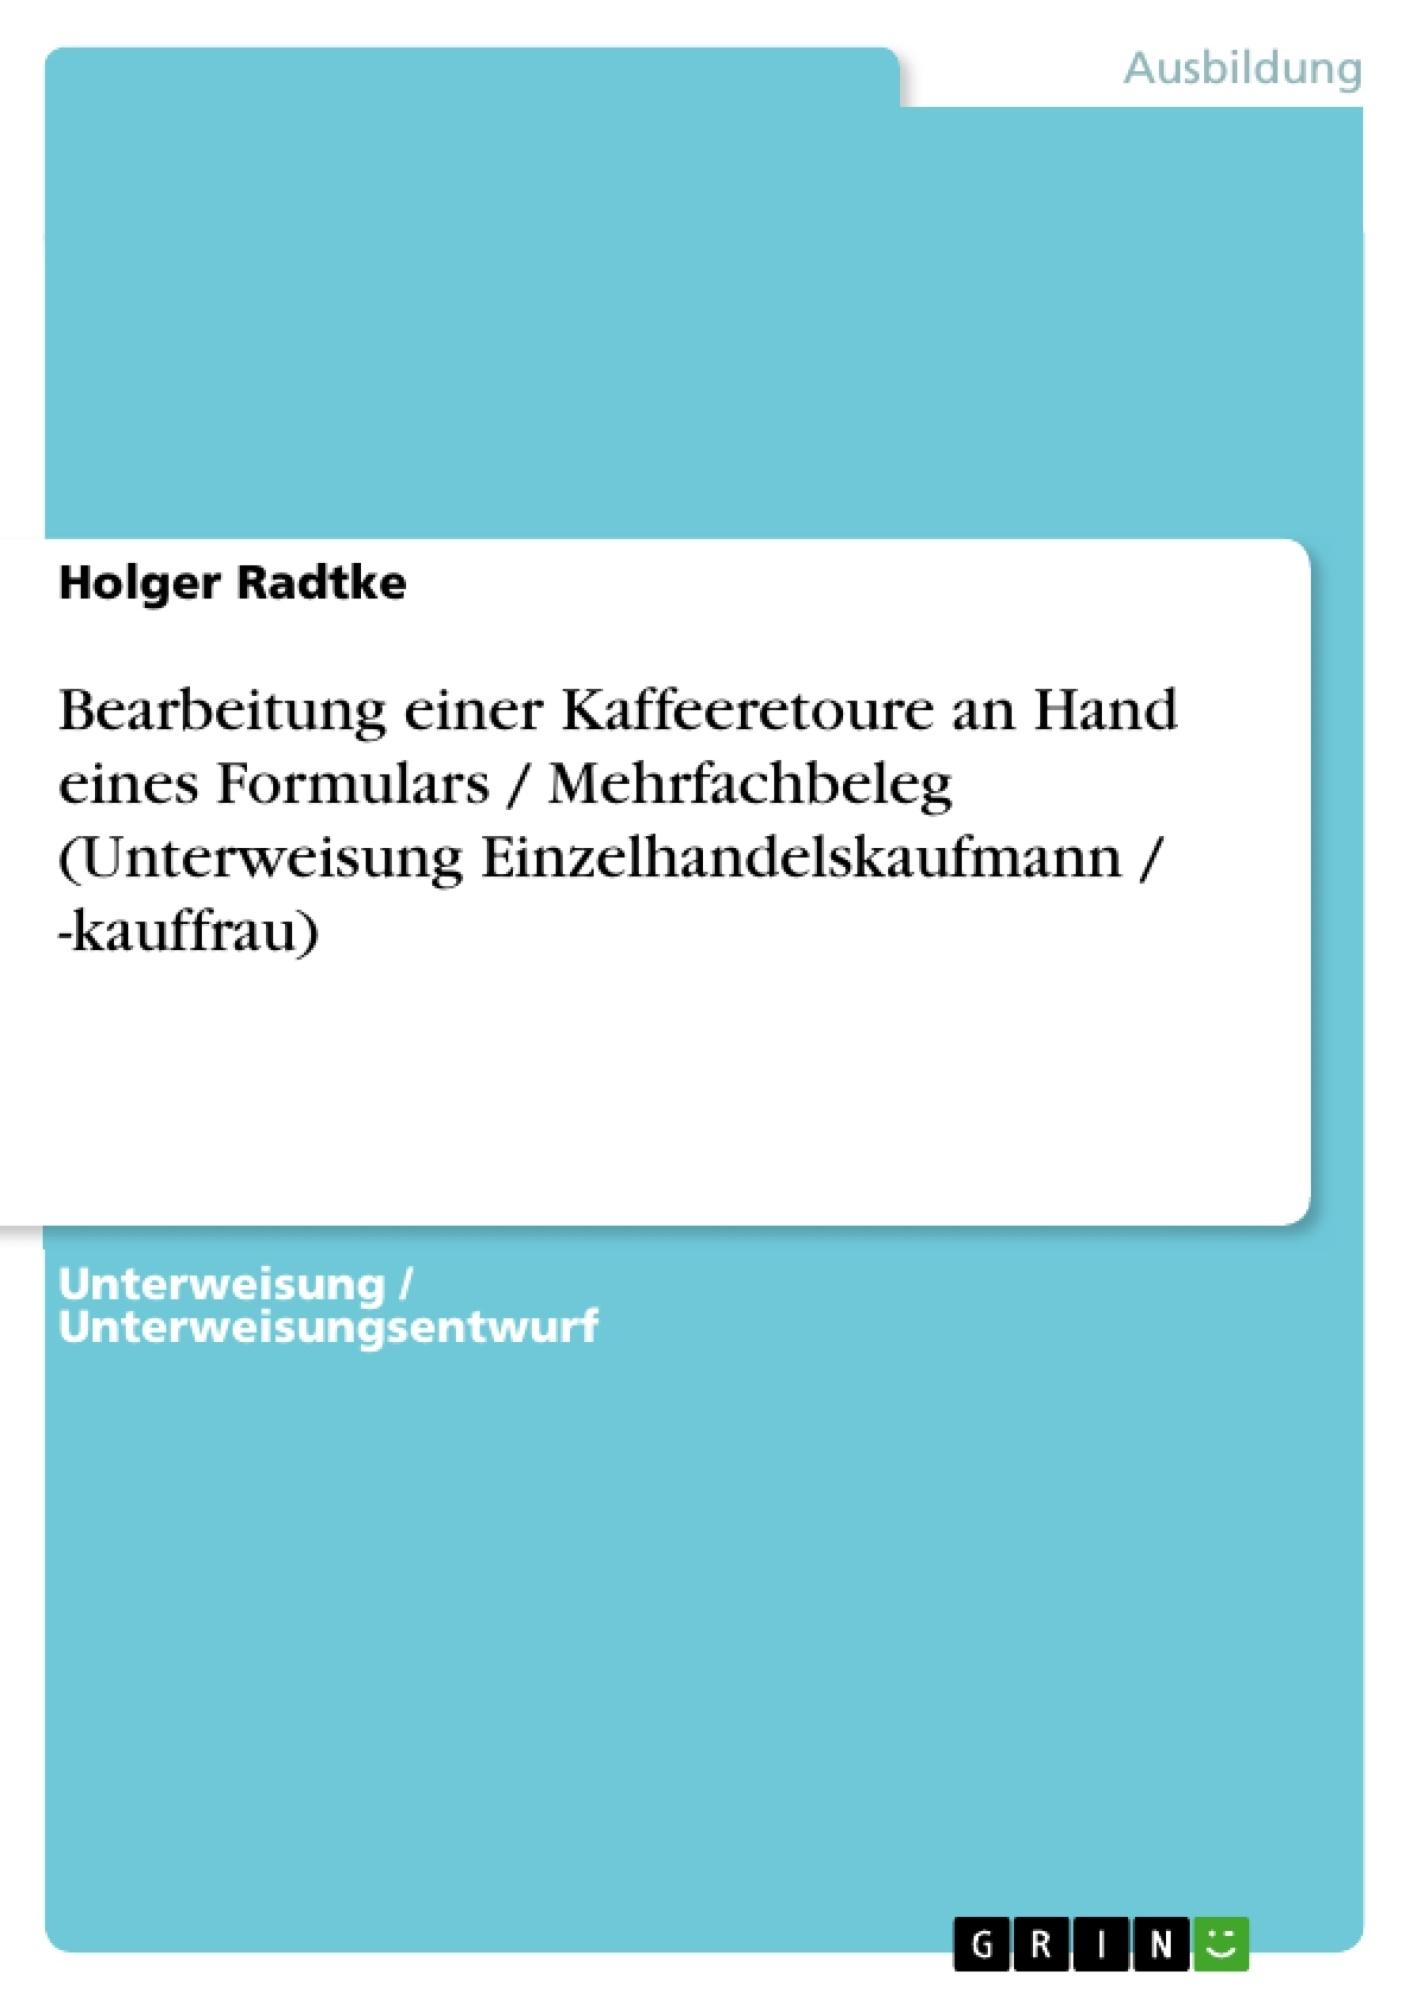 Titel: Bearbeitung einer Kaffeeretoure an Hand eines Formulars / Mehrfachbeleg (Unterweisung Einzelhandelskaufmann / -kauffrau)